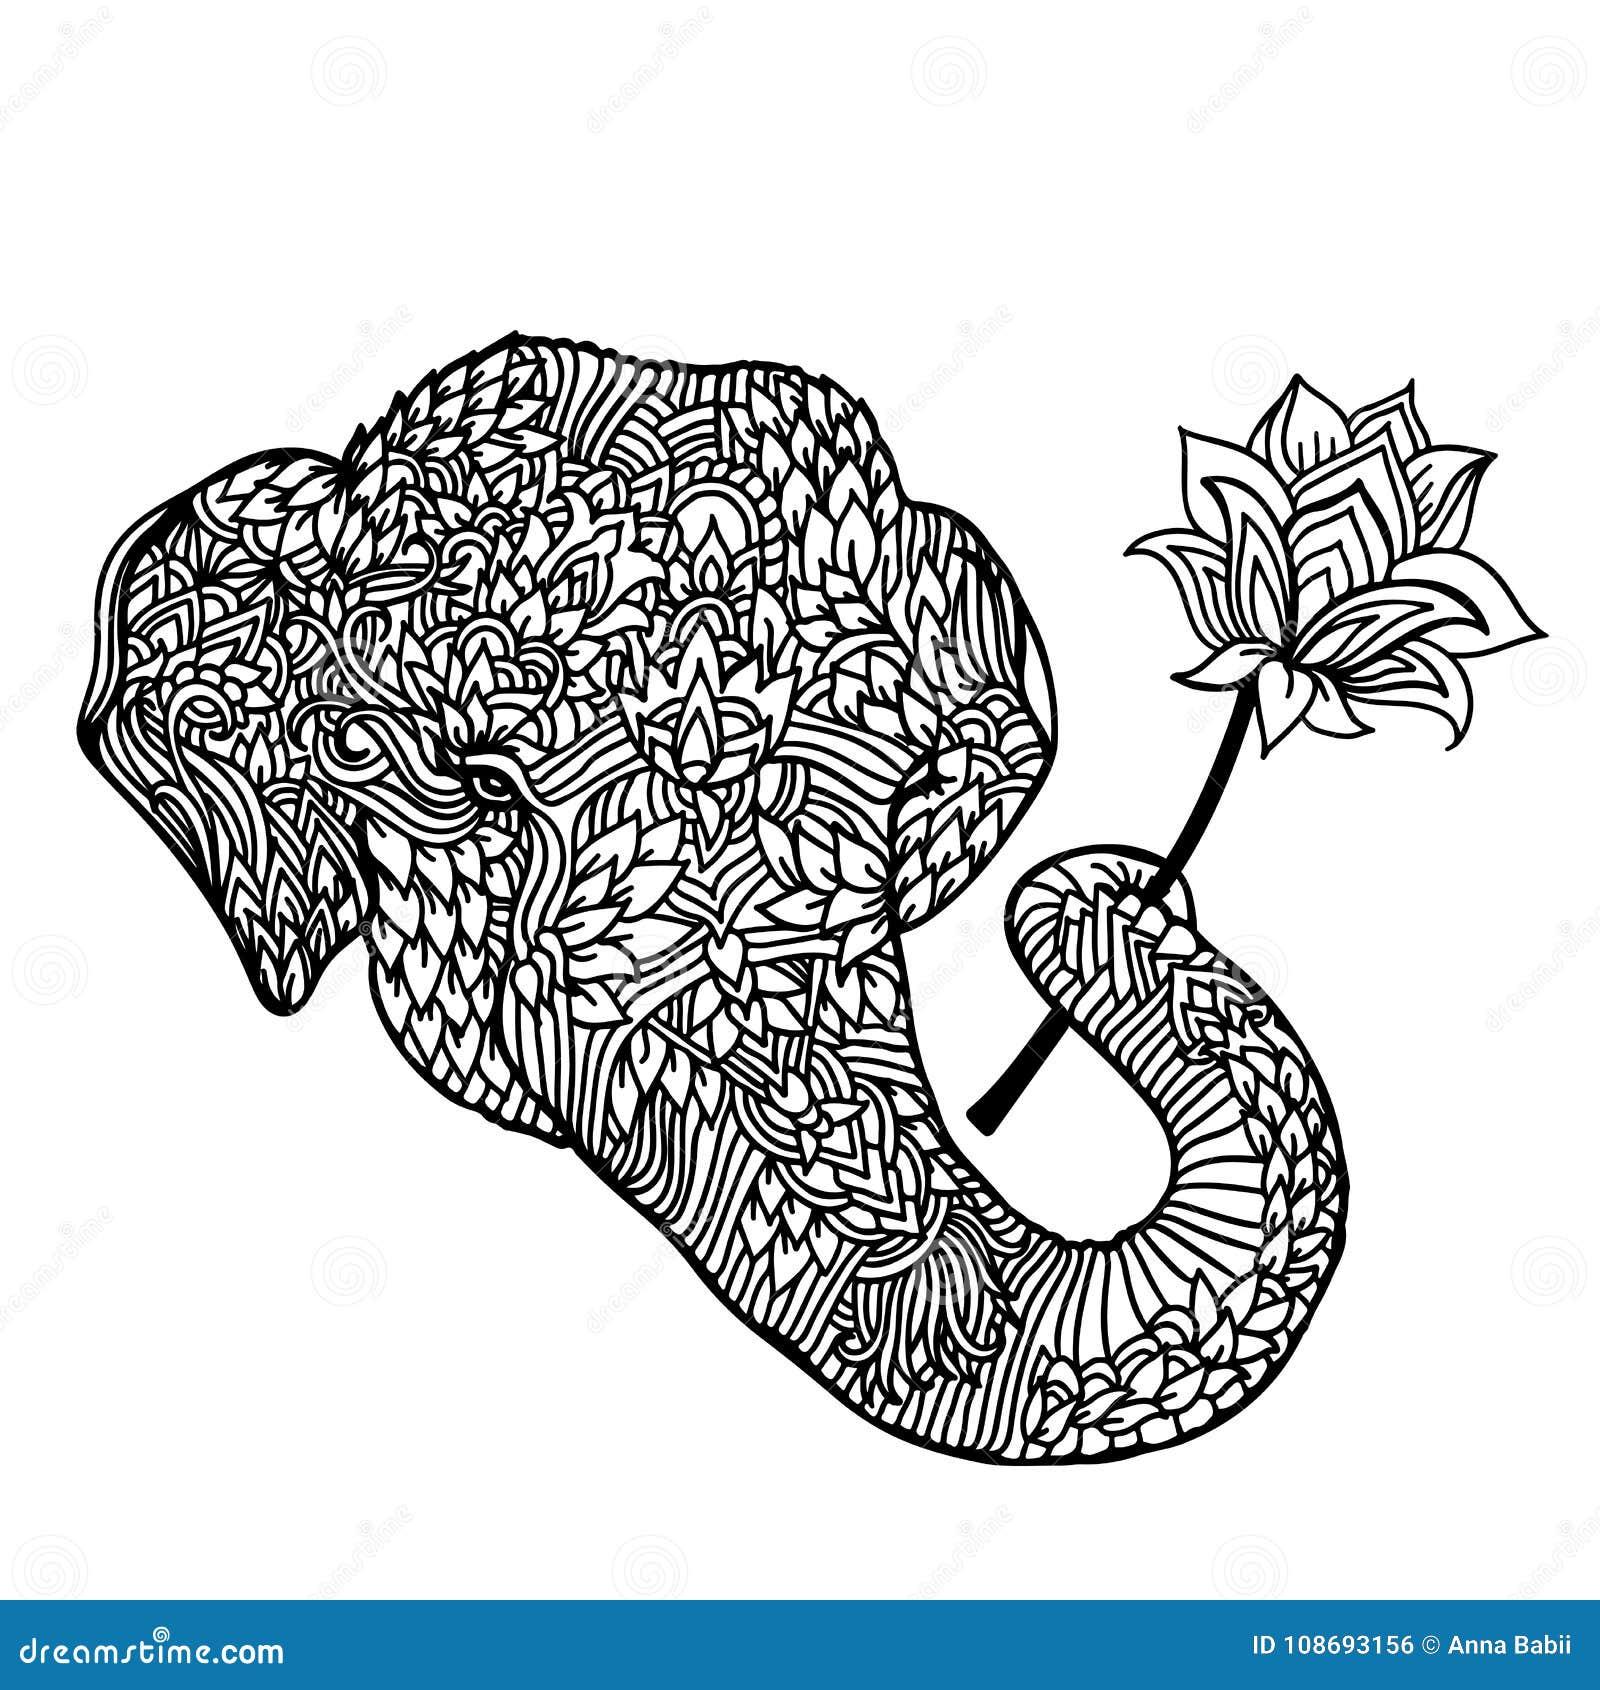 Retrato De Un Elefante Con Una Flor De Loto En Estilo Asiático